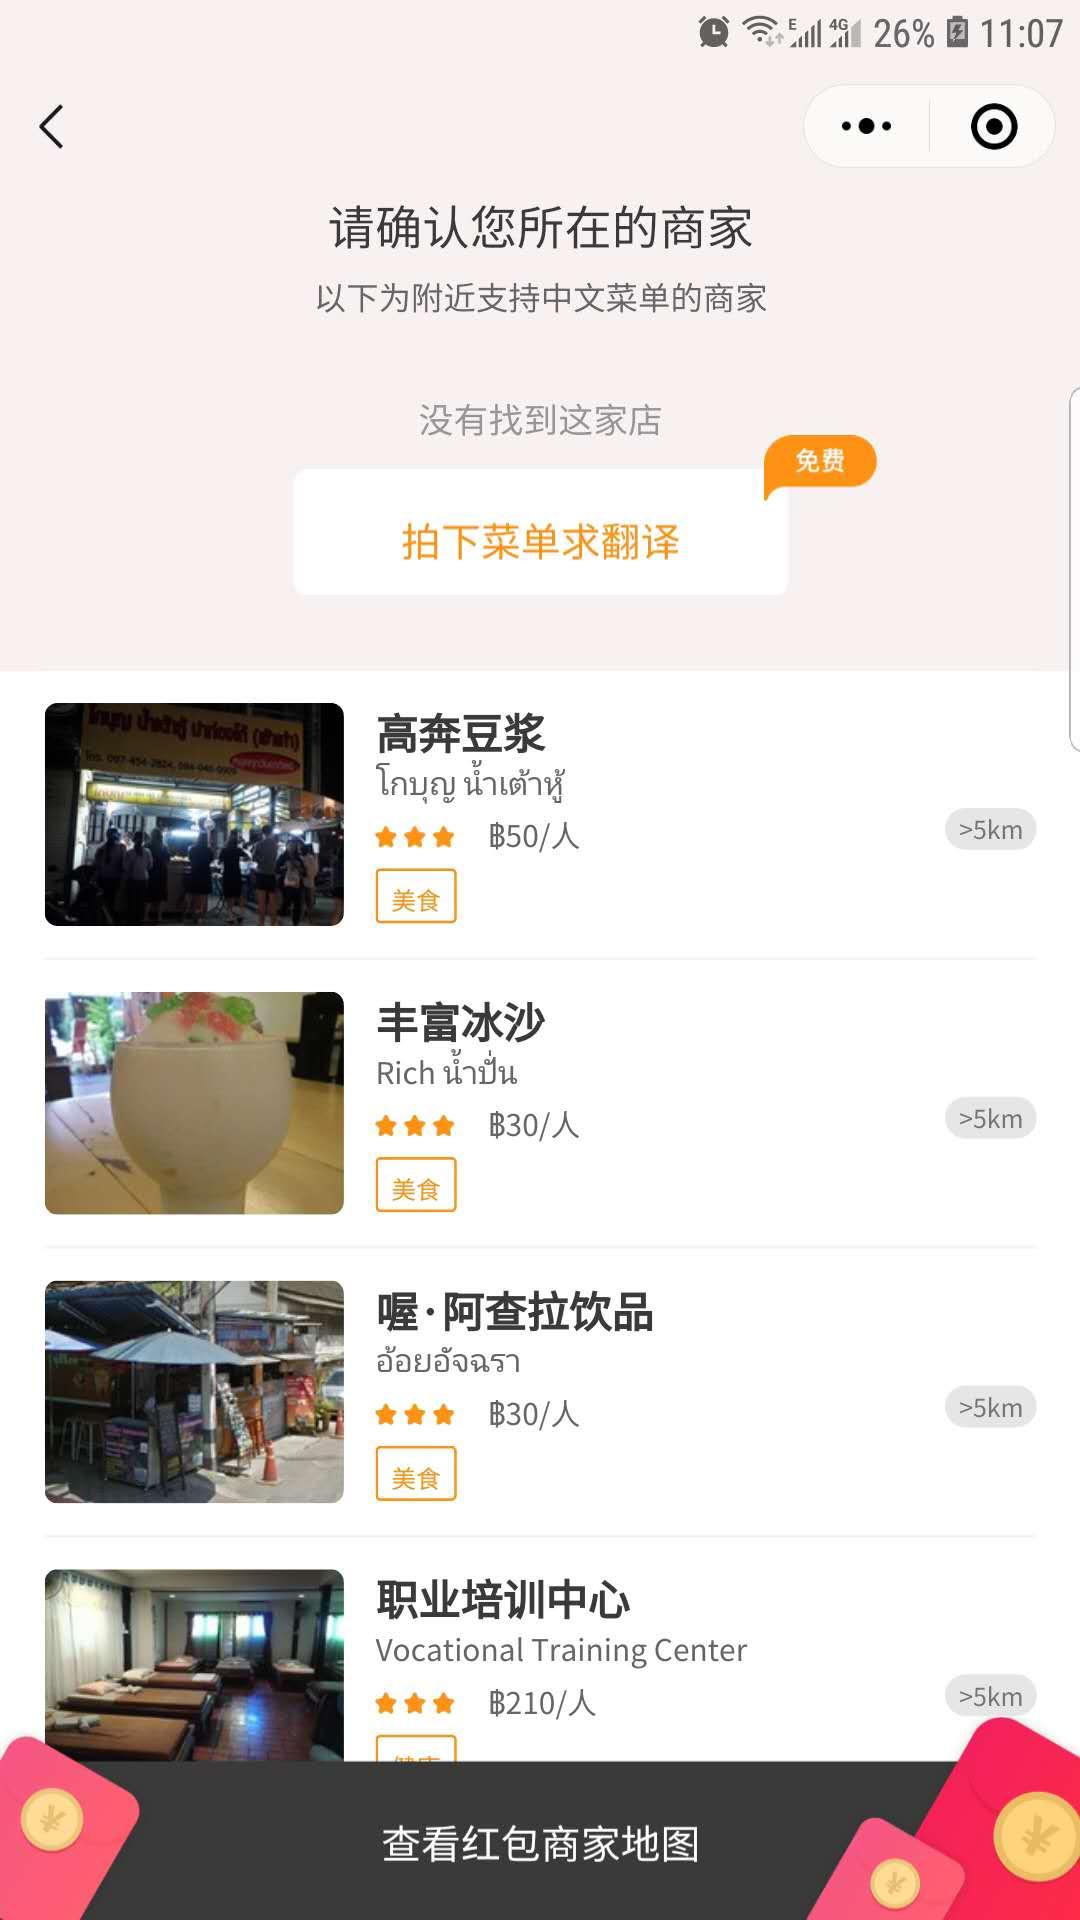 泰国中文菜单